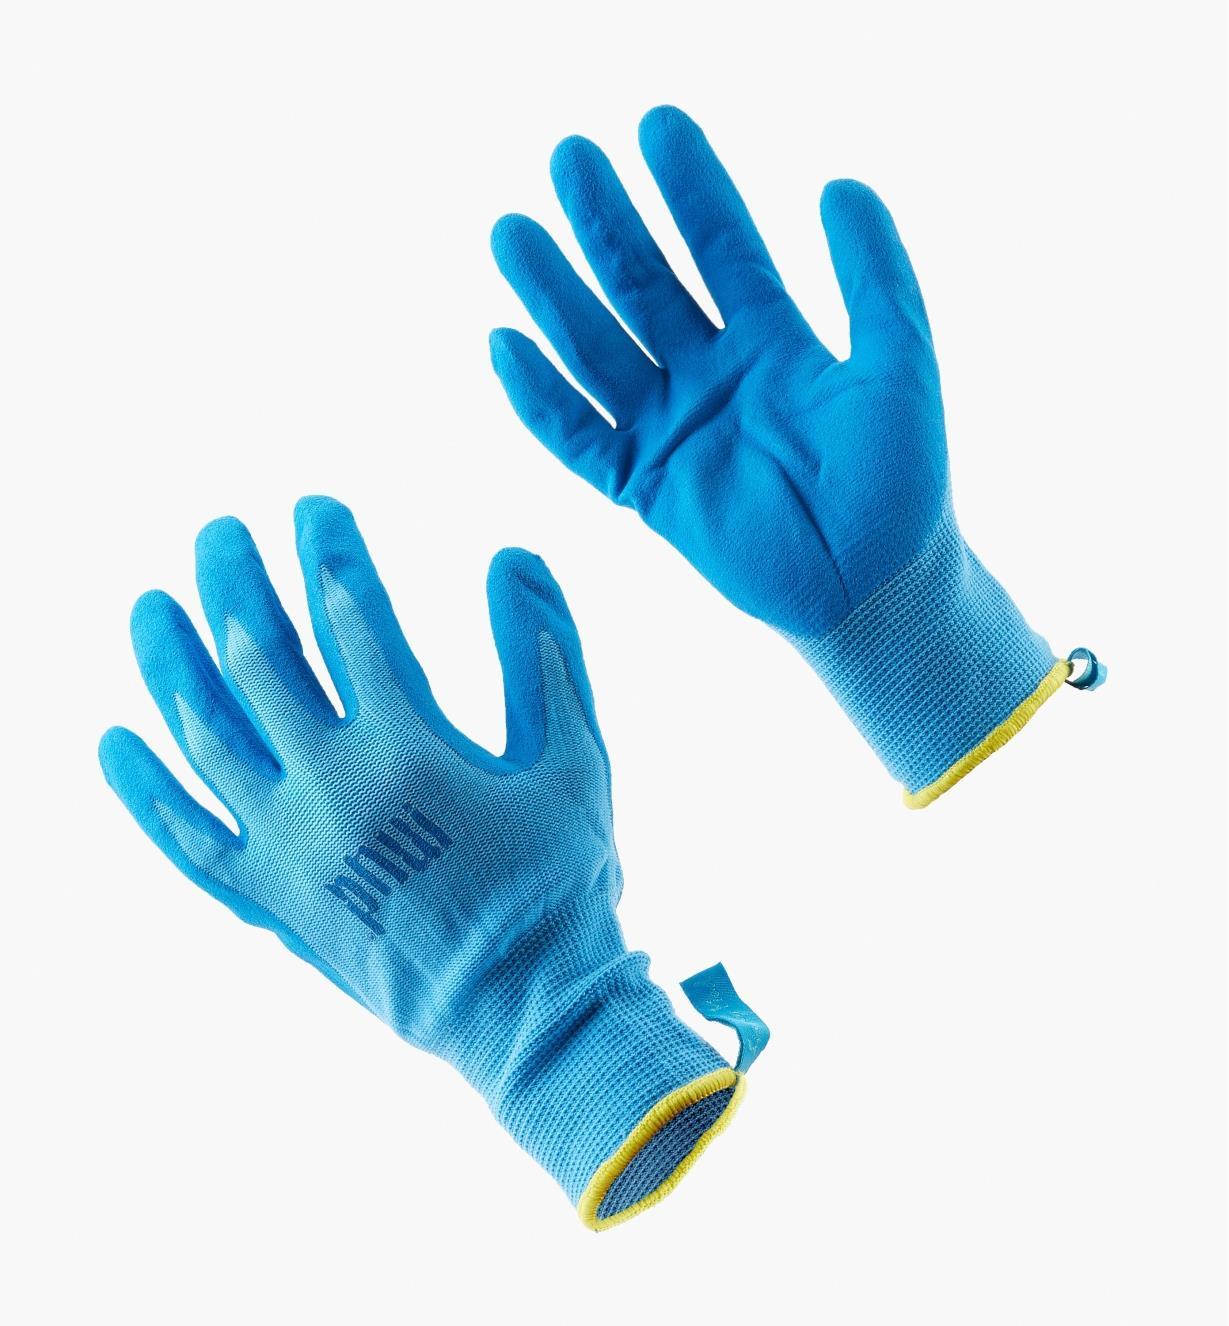 Lightweight Nitrile Gripper Gloves